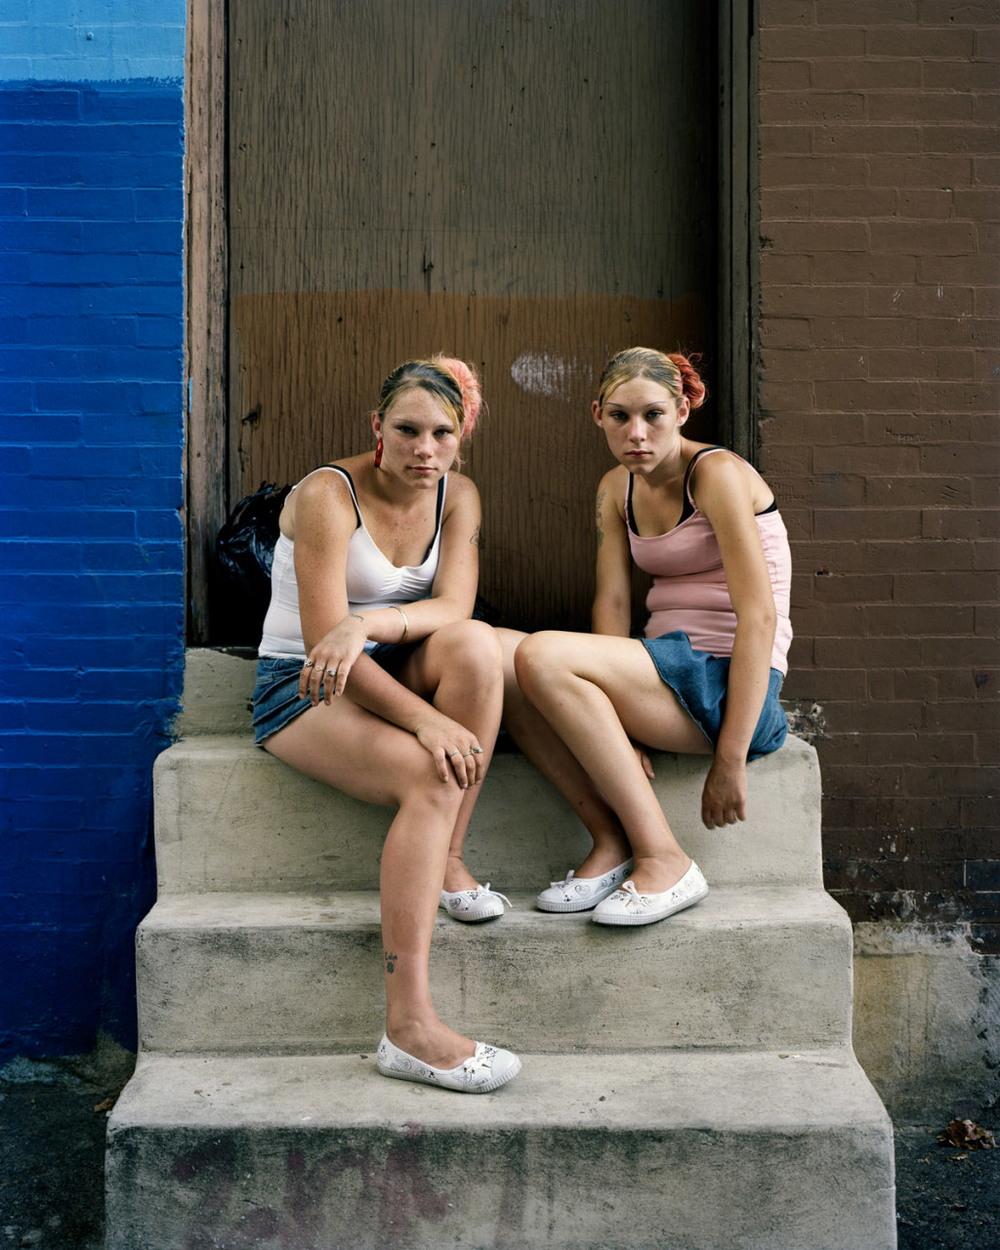 Сердце эпидемии наркомании в Америке: Кенсингтон Авеню в Филадельфии (много фото, жесть +18)